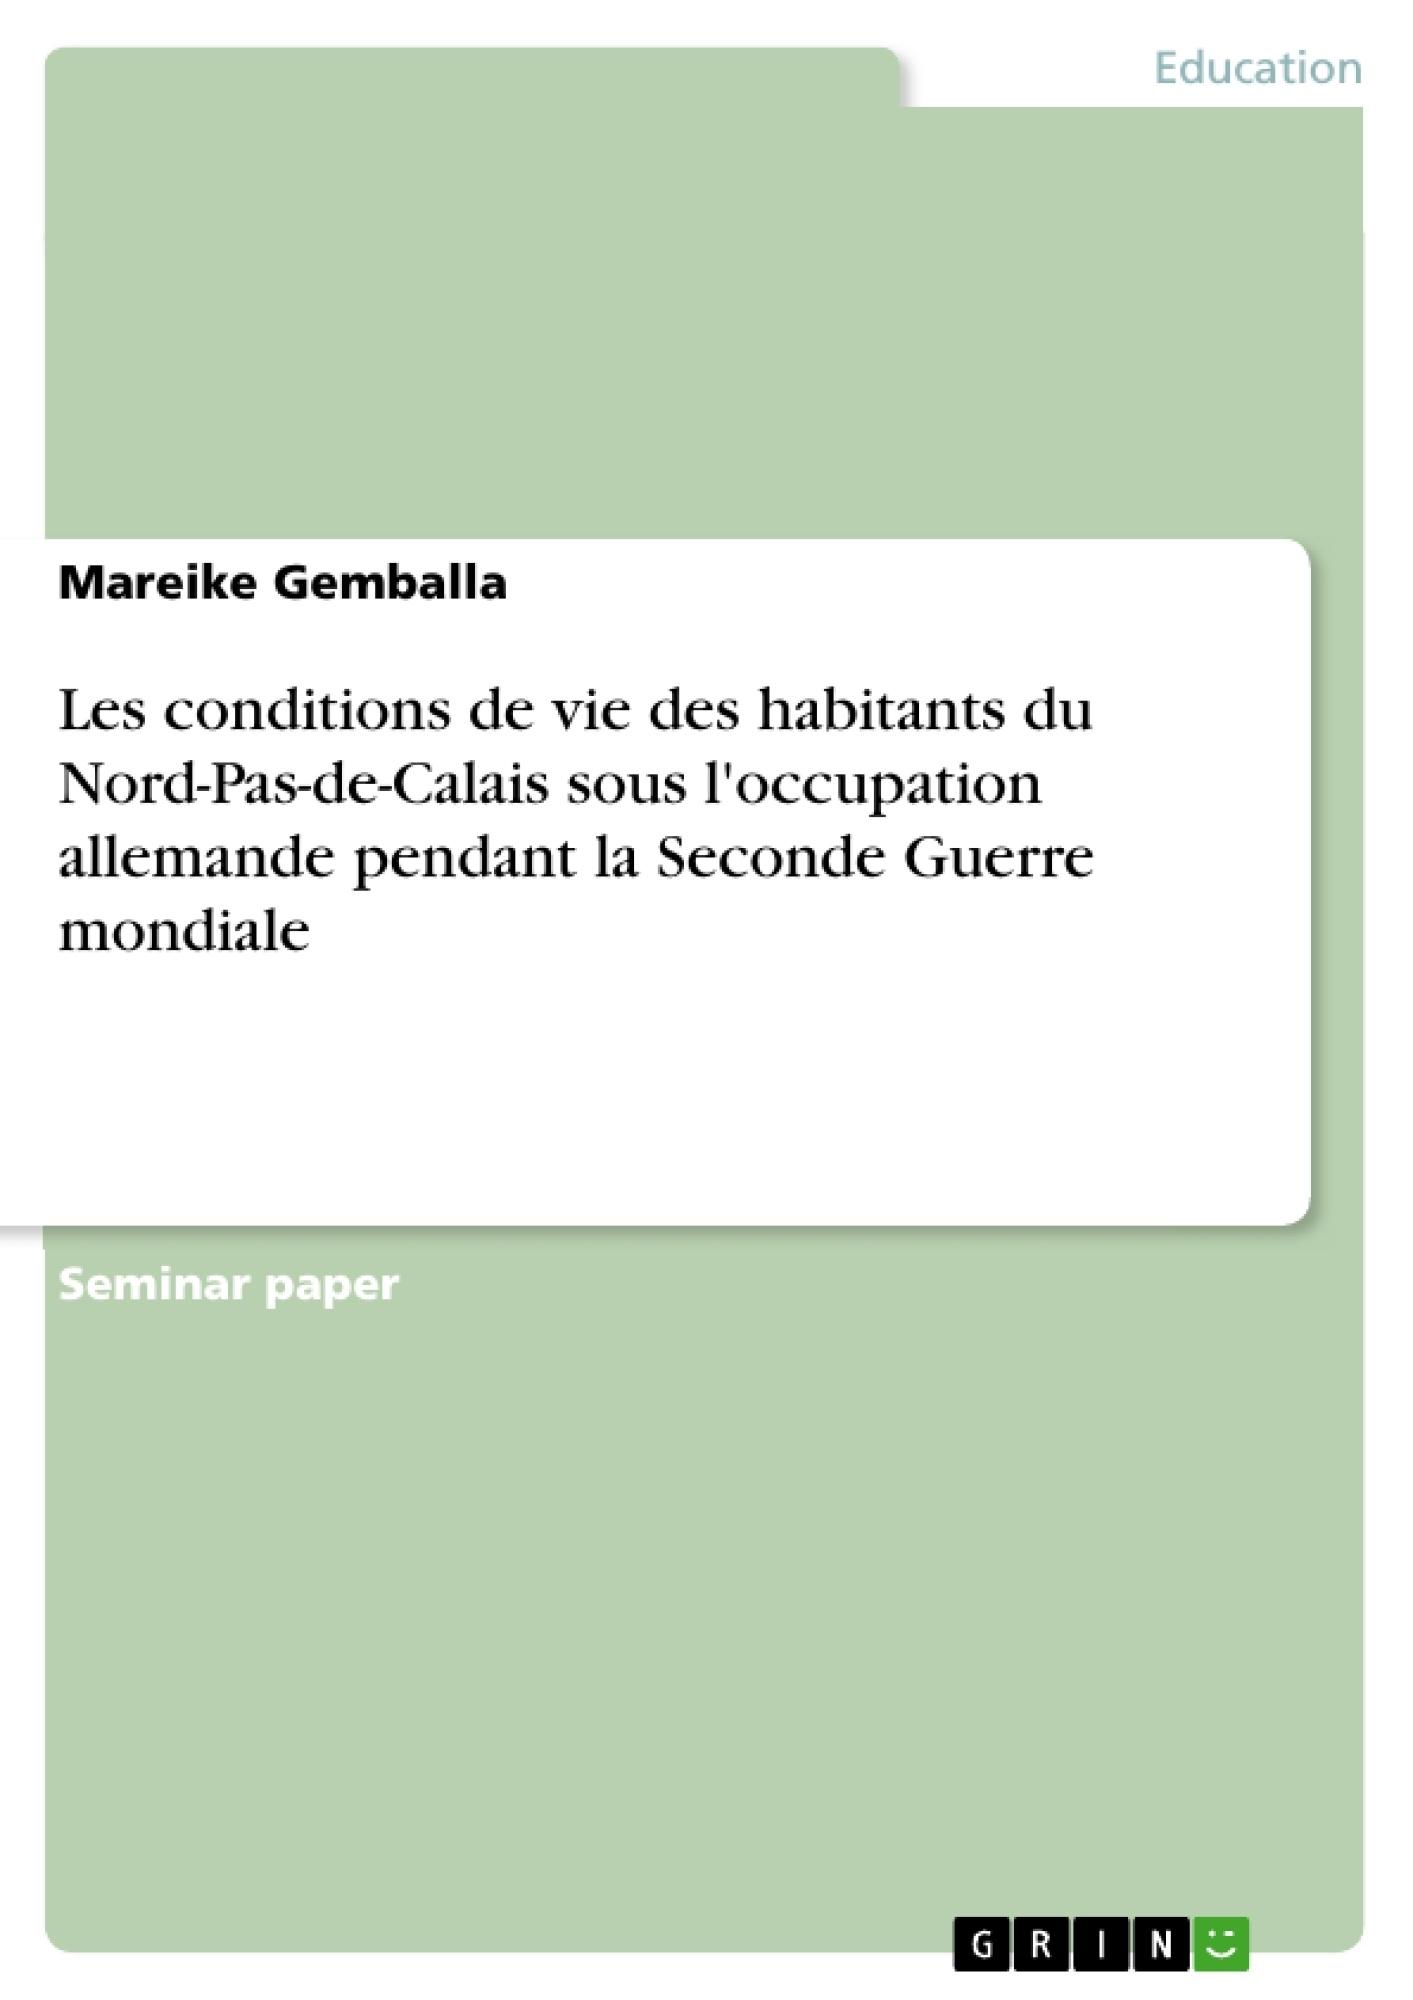 Titre: Les conditions de vie des habitants du Nord-Pas-de-Calais sous l'occupation allemande pendant la Seconde Guerre mondiale